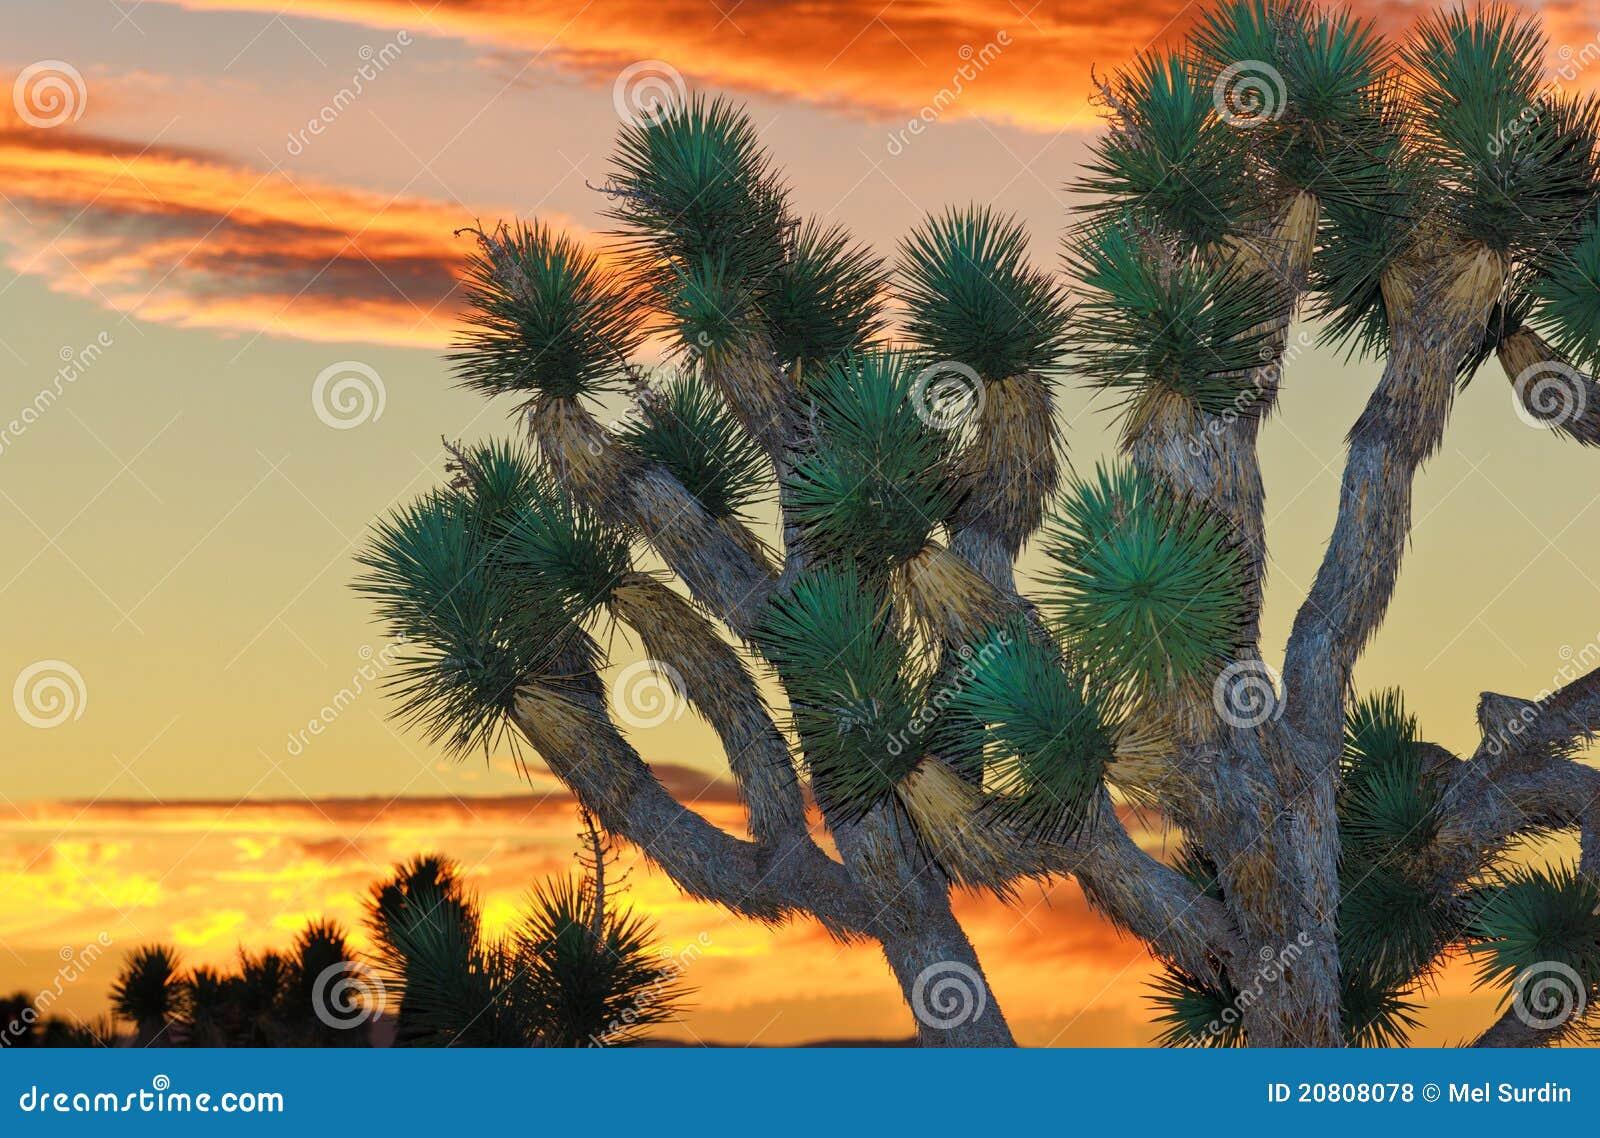 Joshua park narodowy drzewo